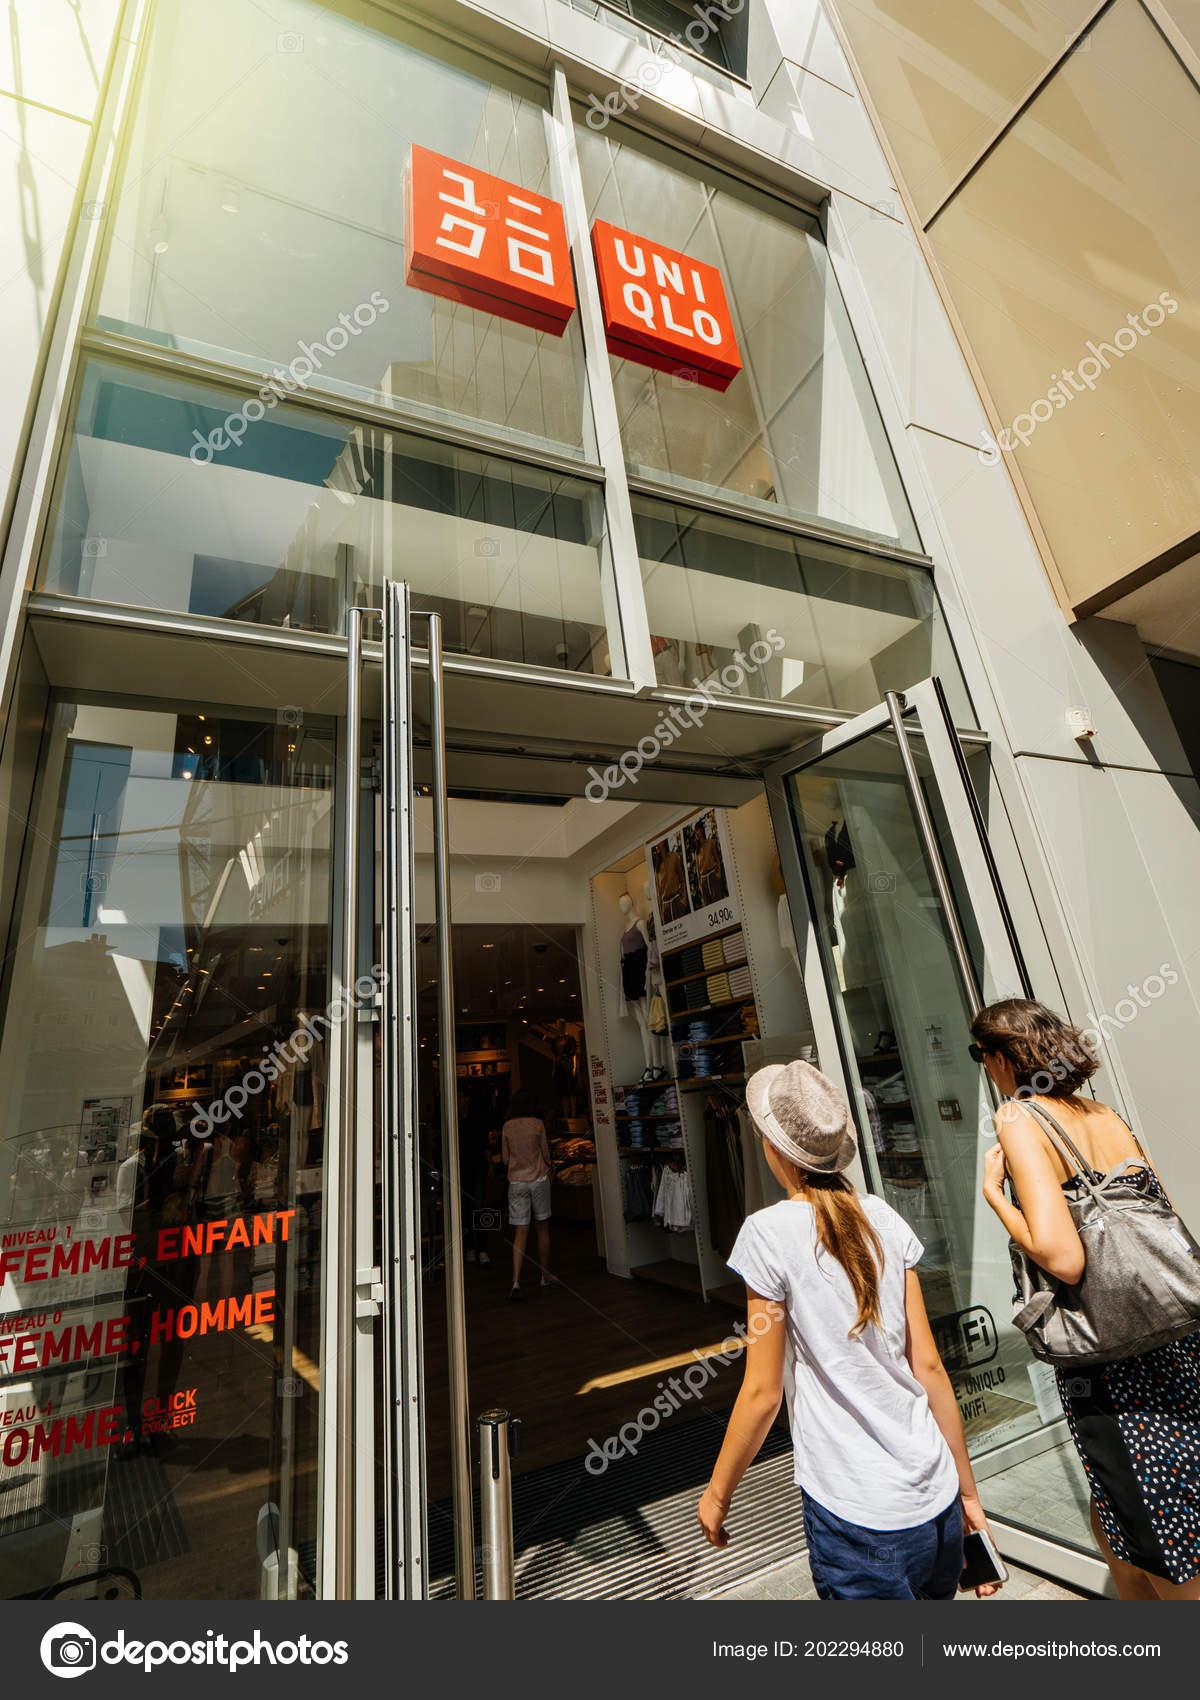 uniqlo fashion store in france stock photo